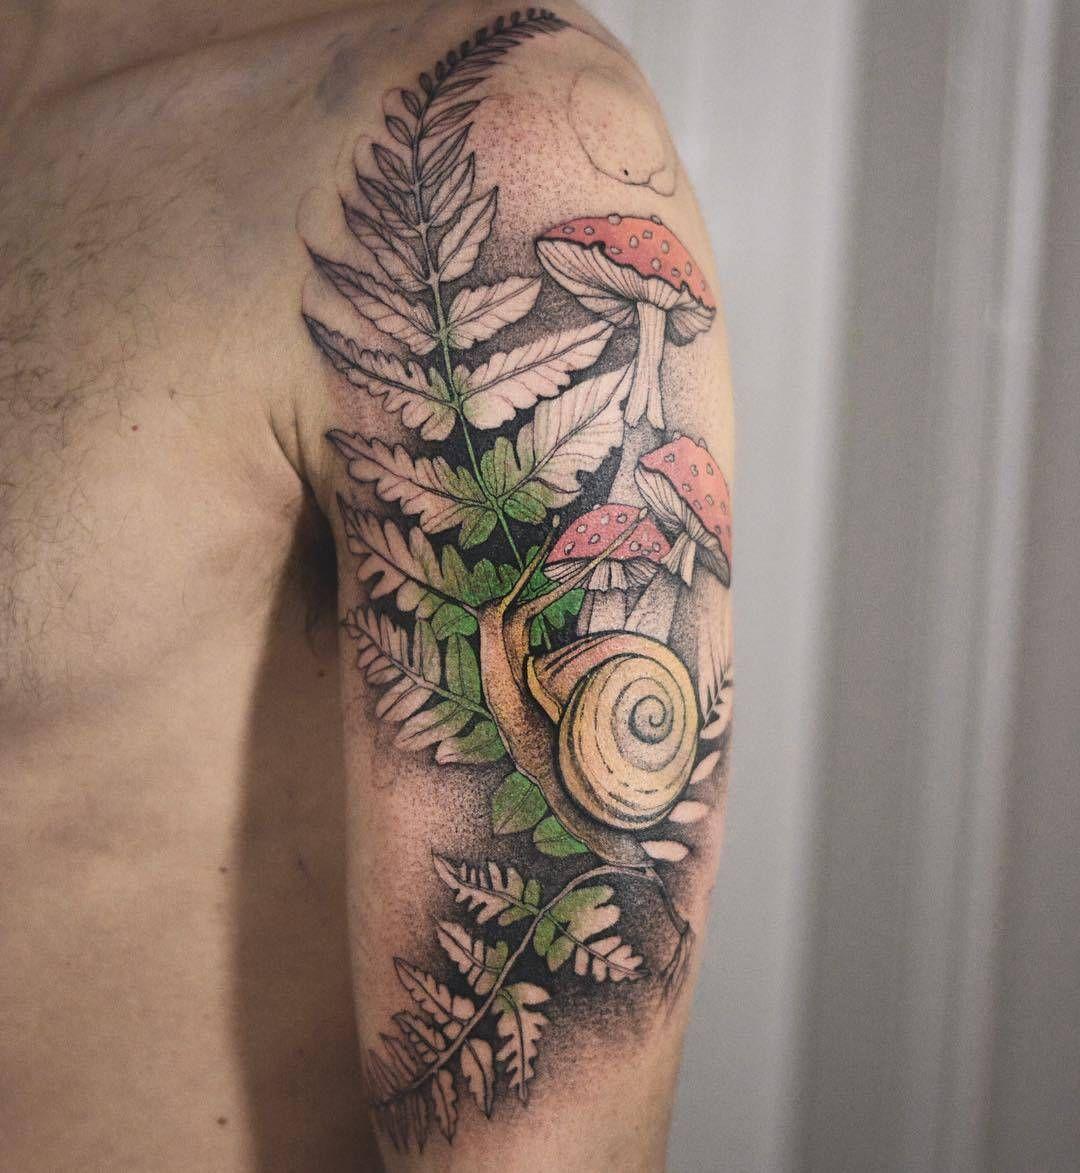 Dzo Lama S Fairy Tattoos Nature Tattoo Sleeve Mushroom Tattoos Fairy Tattoo